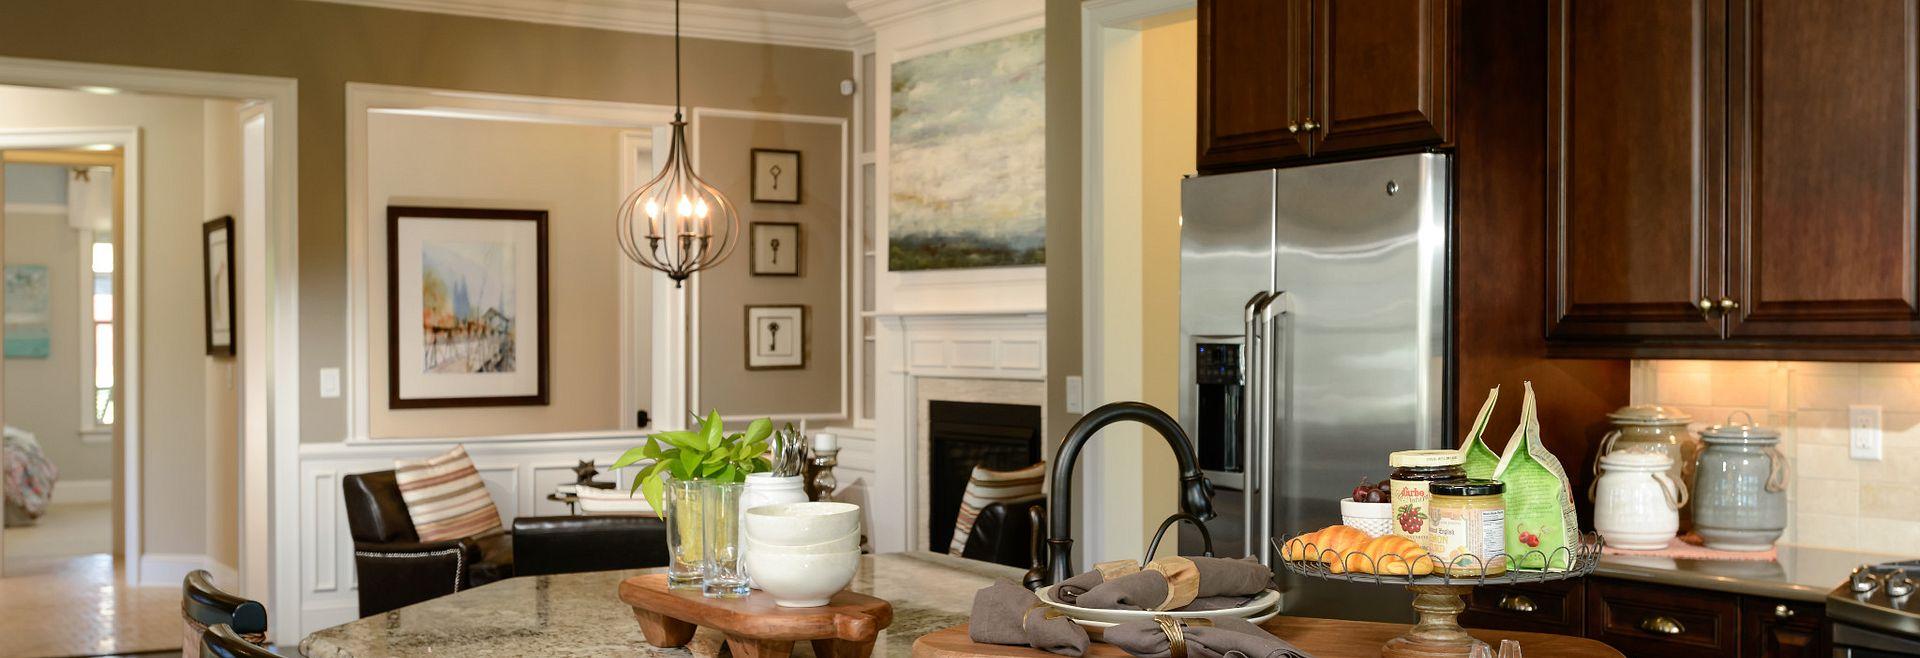 Trilogy Lake Norman Captivate Plan Kitchen